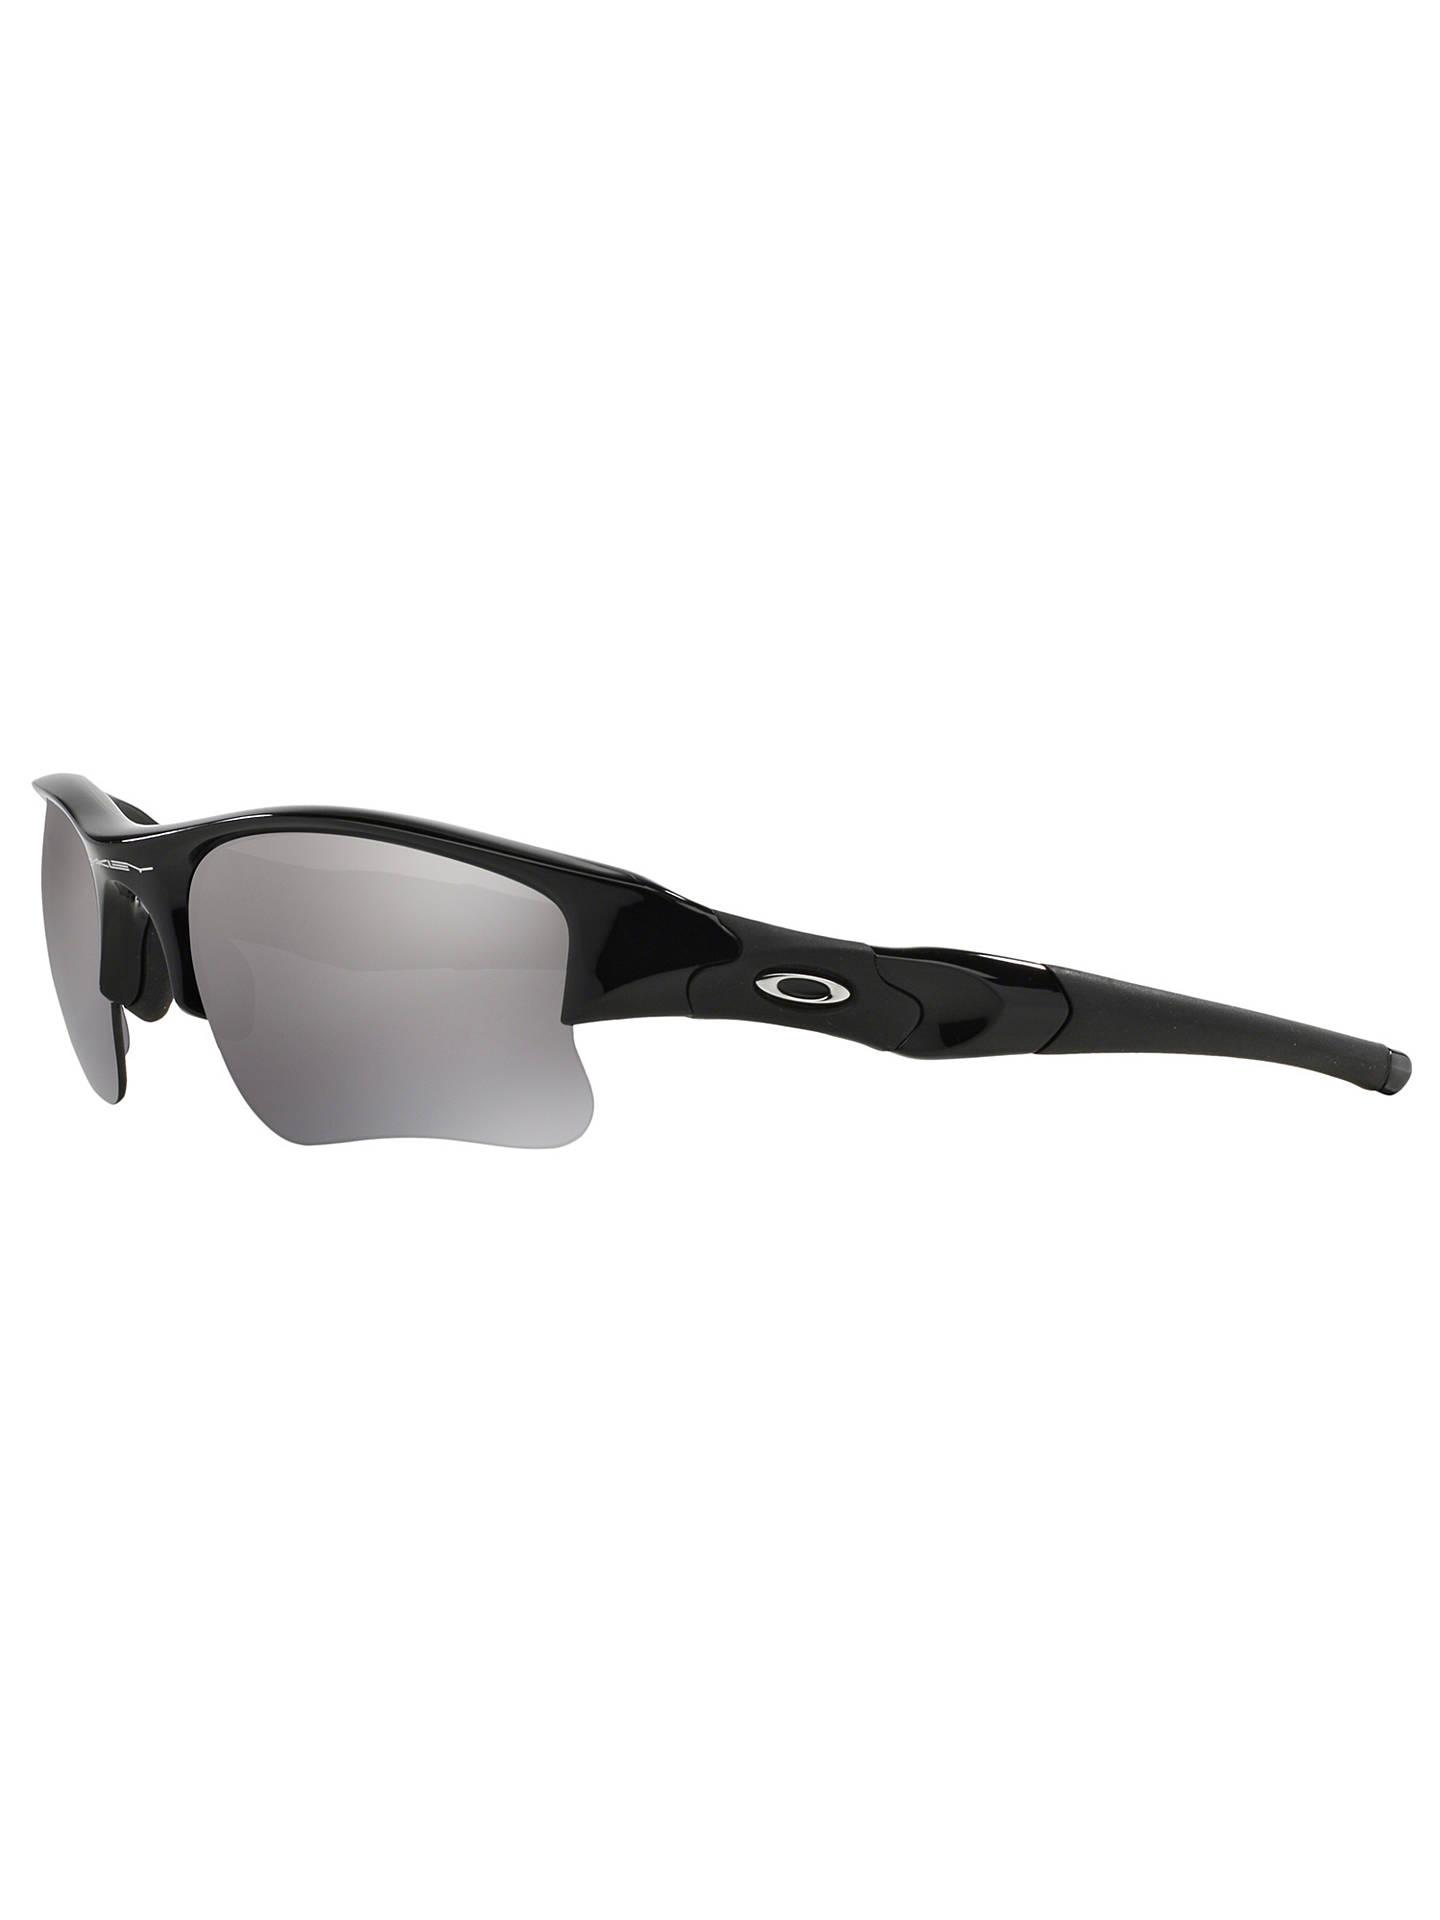 6ea505b43115f Oakley OO9009 Flak Jacket XLJ Sunglasses at John Lewis   Partners